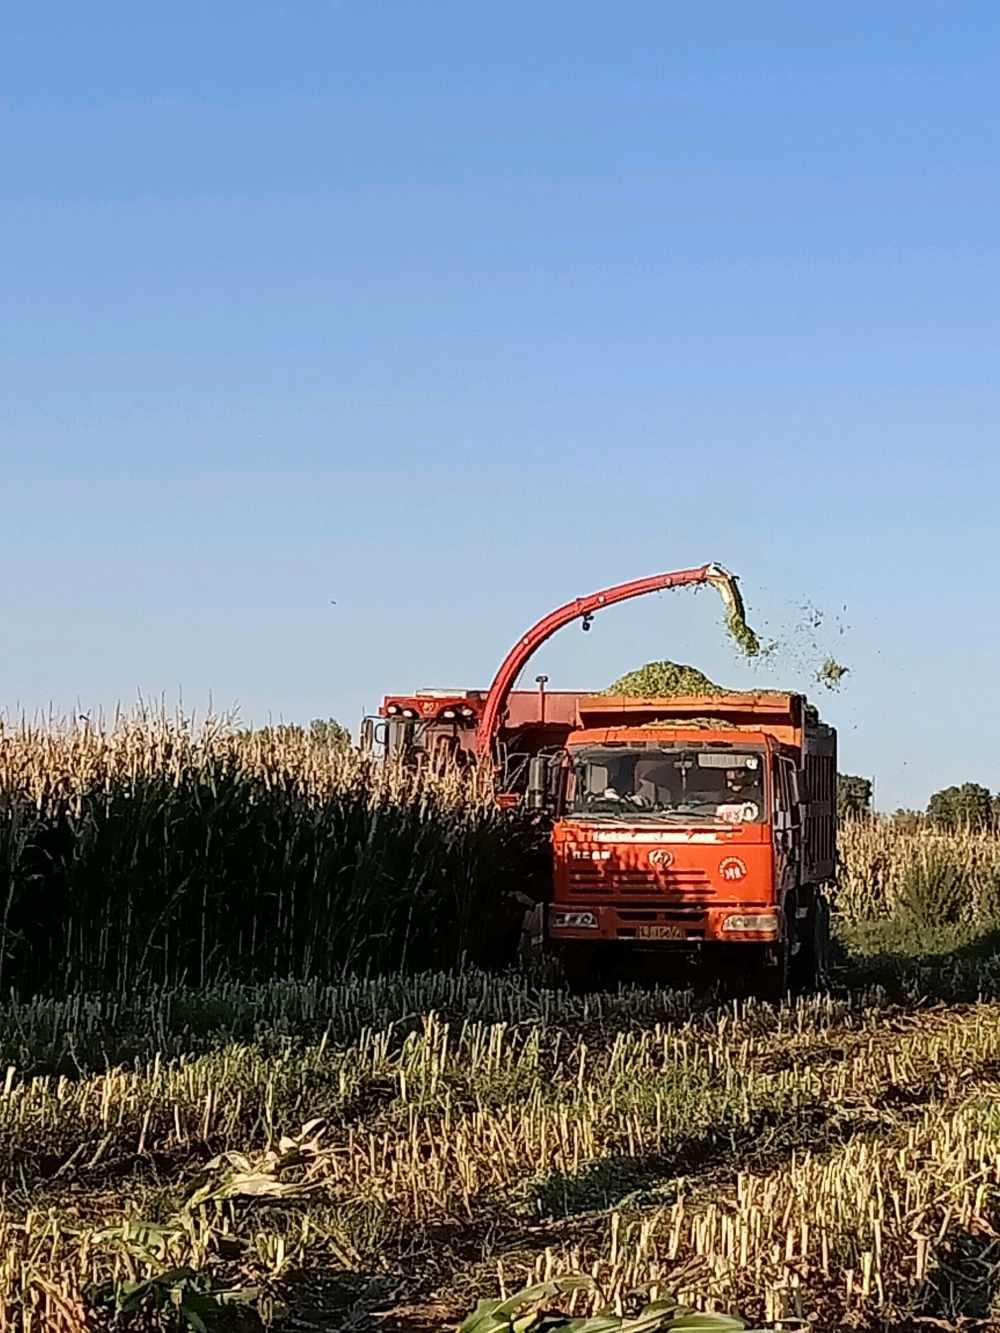 2019政府工作报告:推荐进农业生产全程机械化